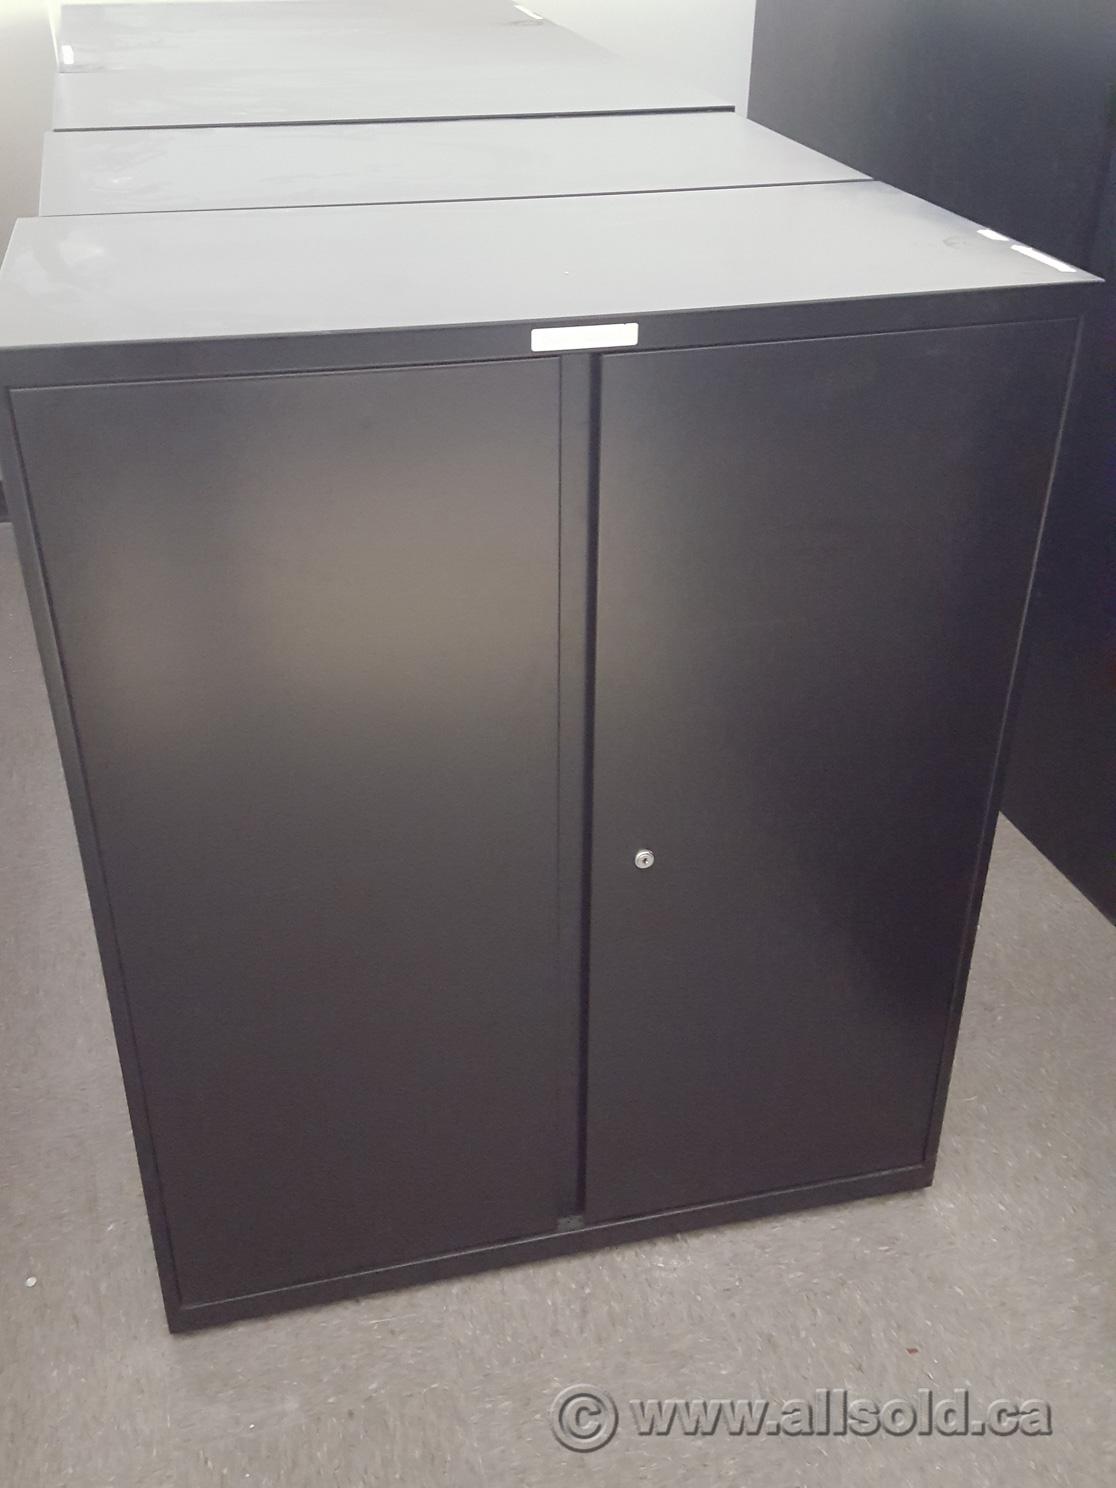 Teknion Black 36x18x42 2 Door Metal Storage Cabinet